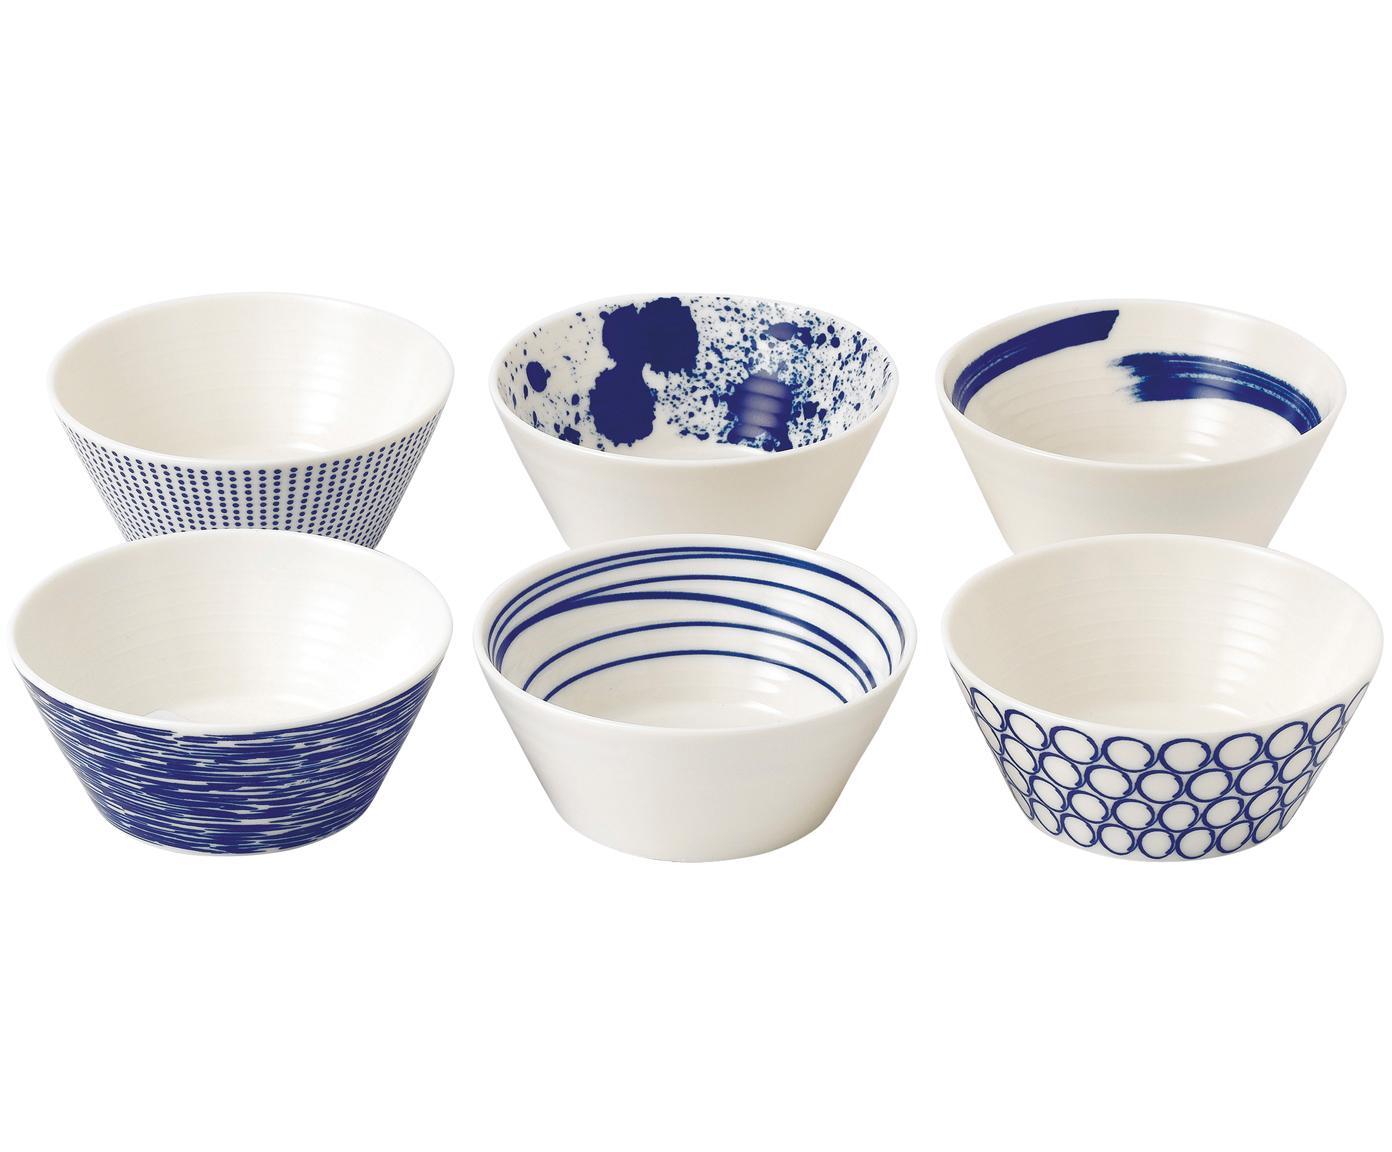 Schälchen-Set Pacific, 6-tlg., Porzellan, Weiß, Blau, Ø 11 cm